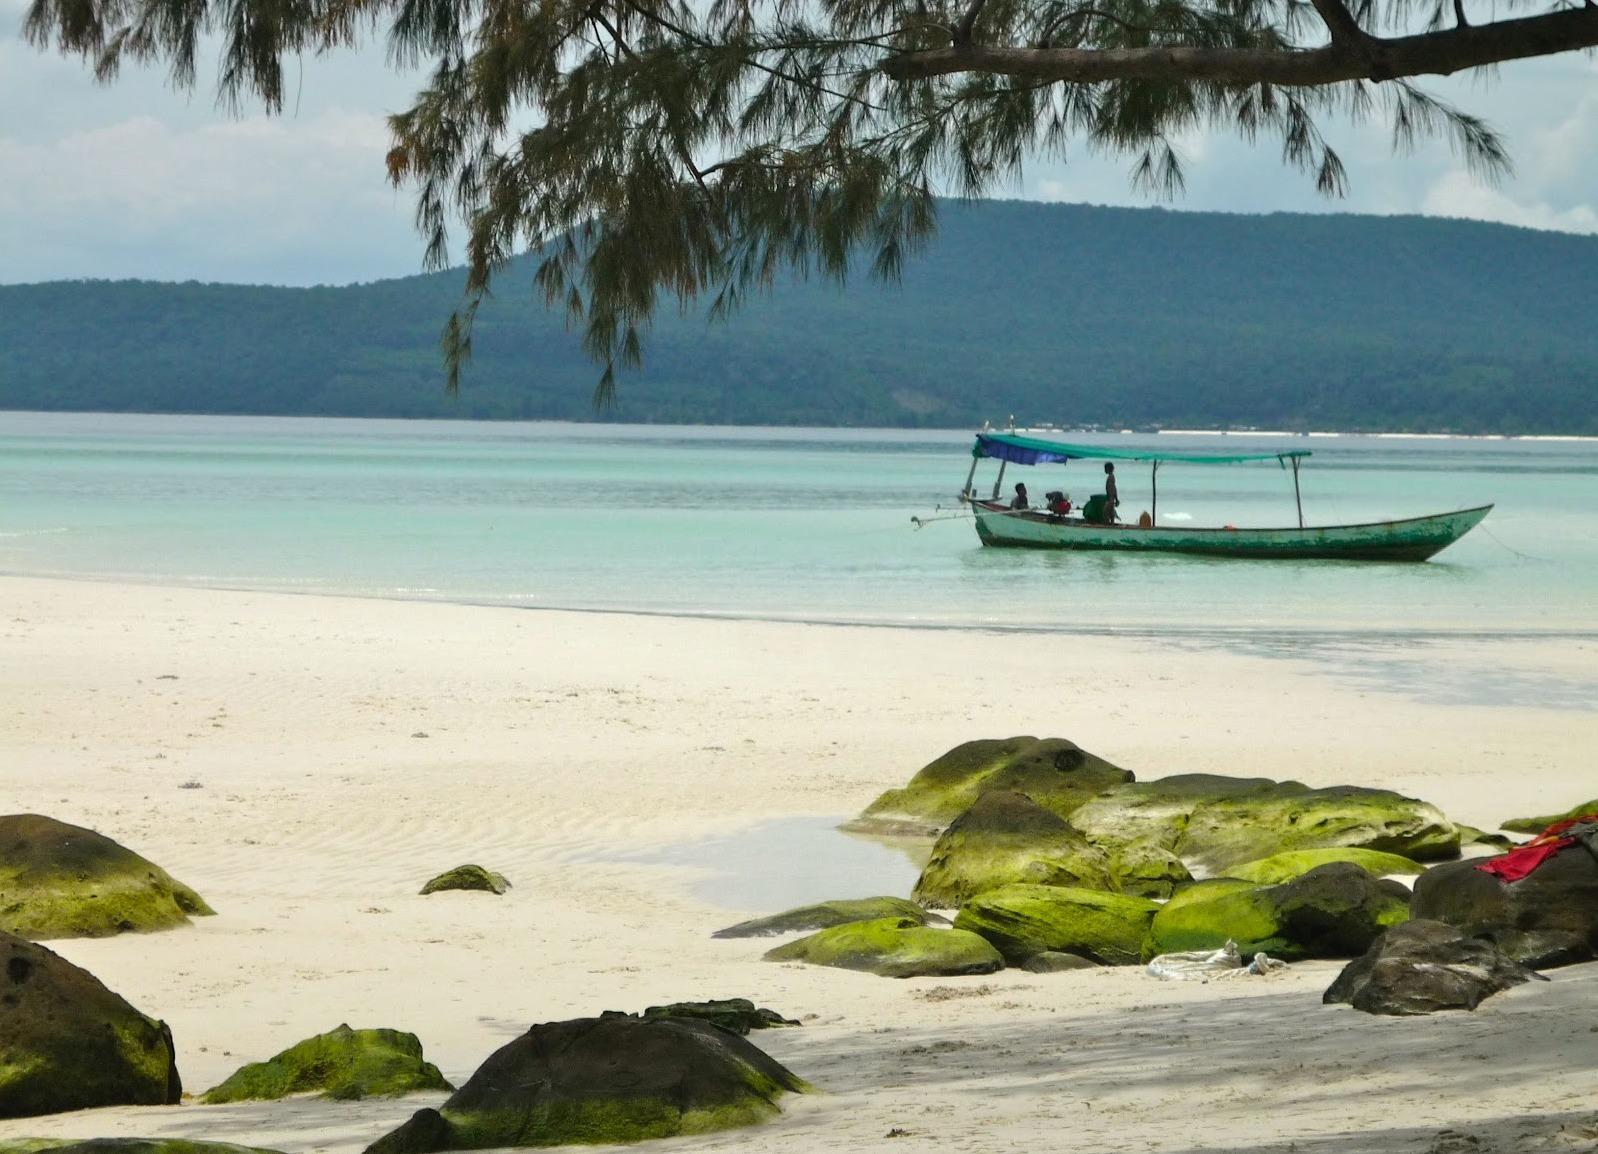 Туроператоры отмечают интерес к отдыху на островах Камбоджи